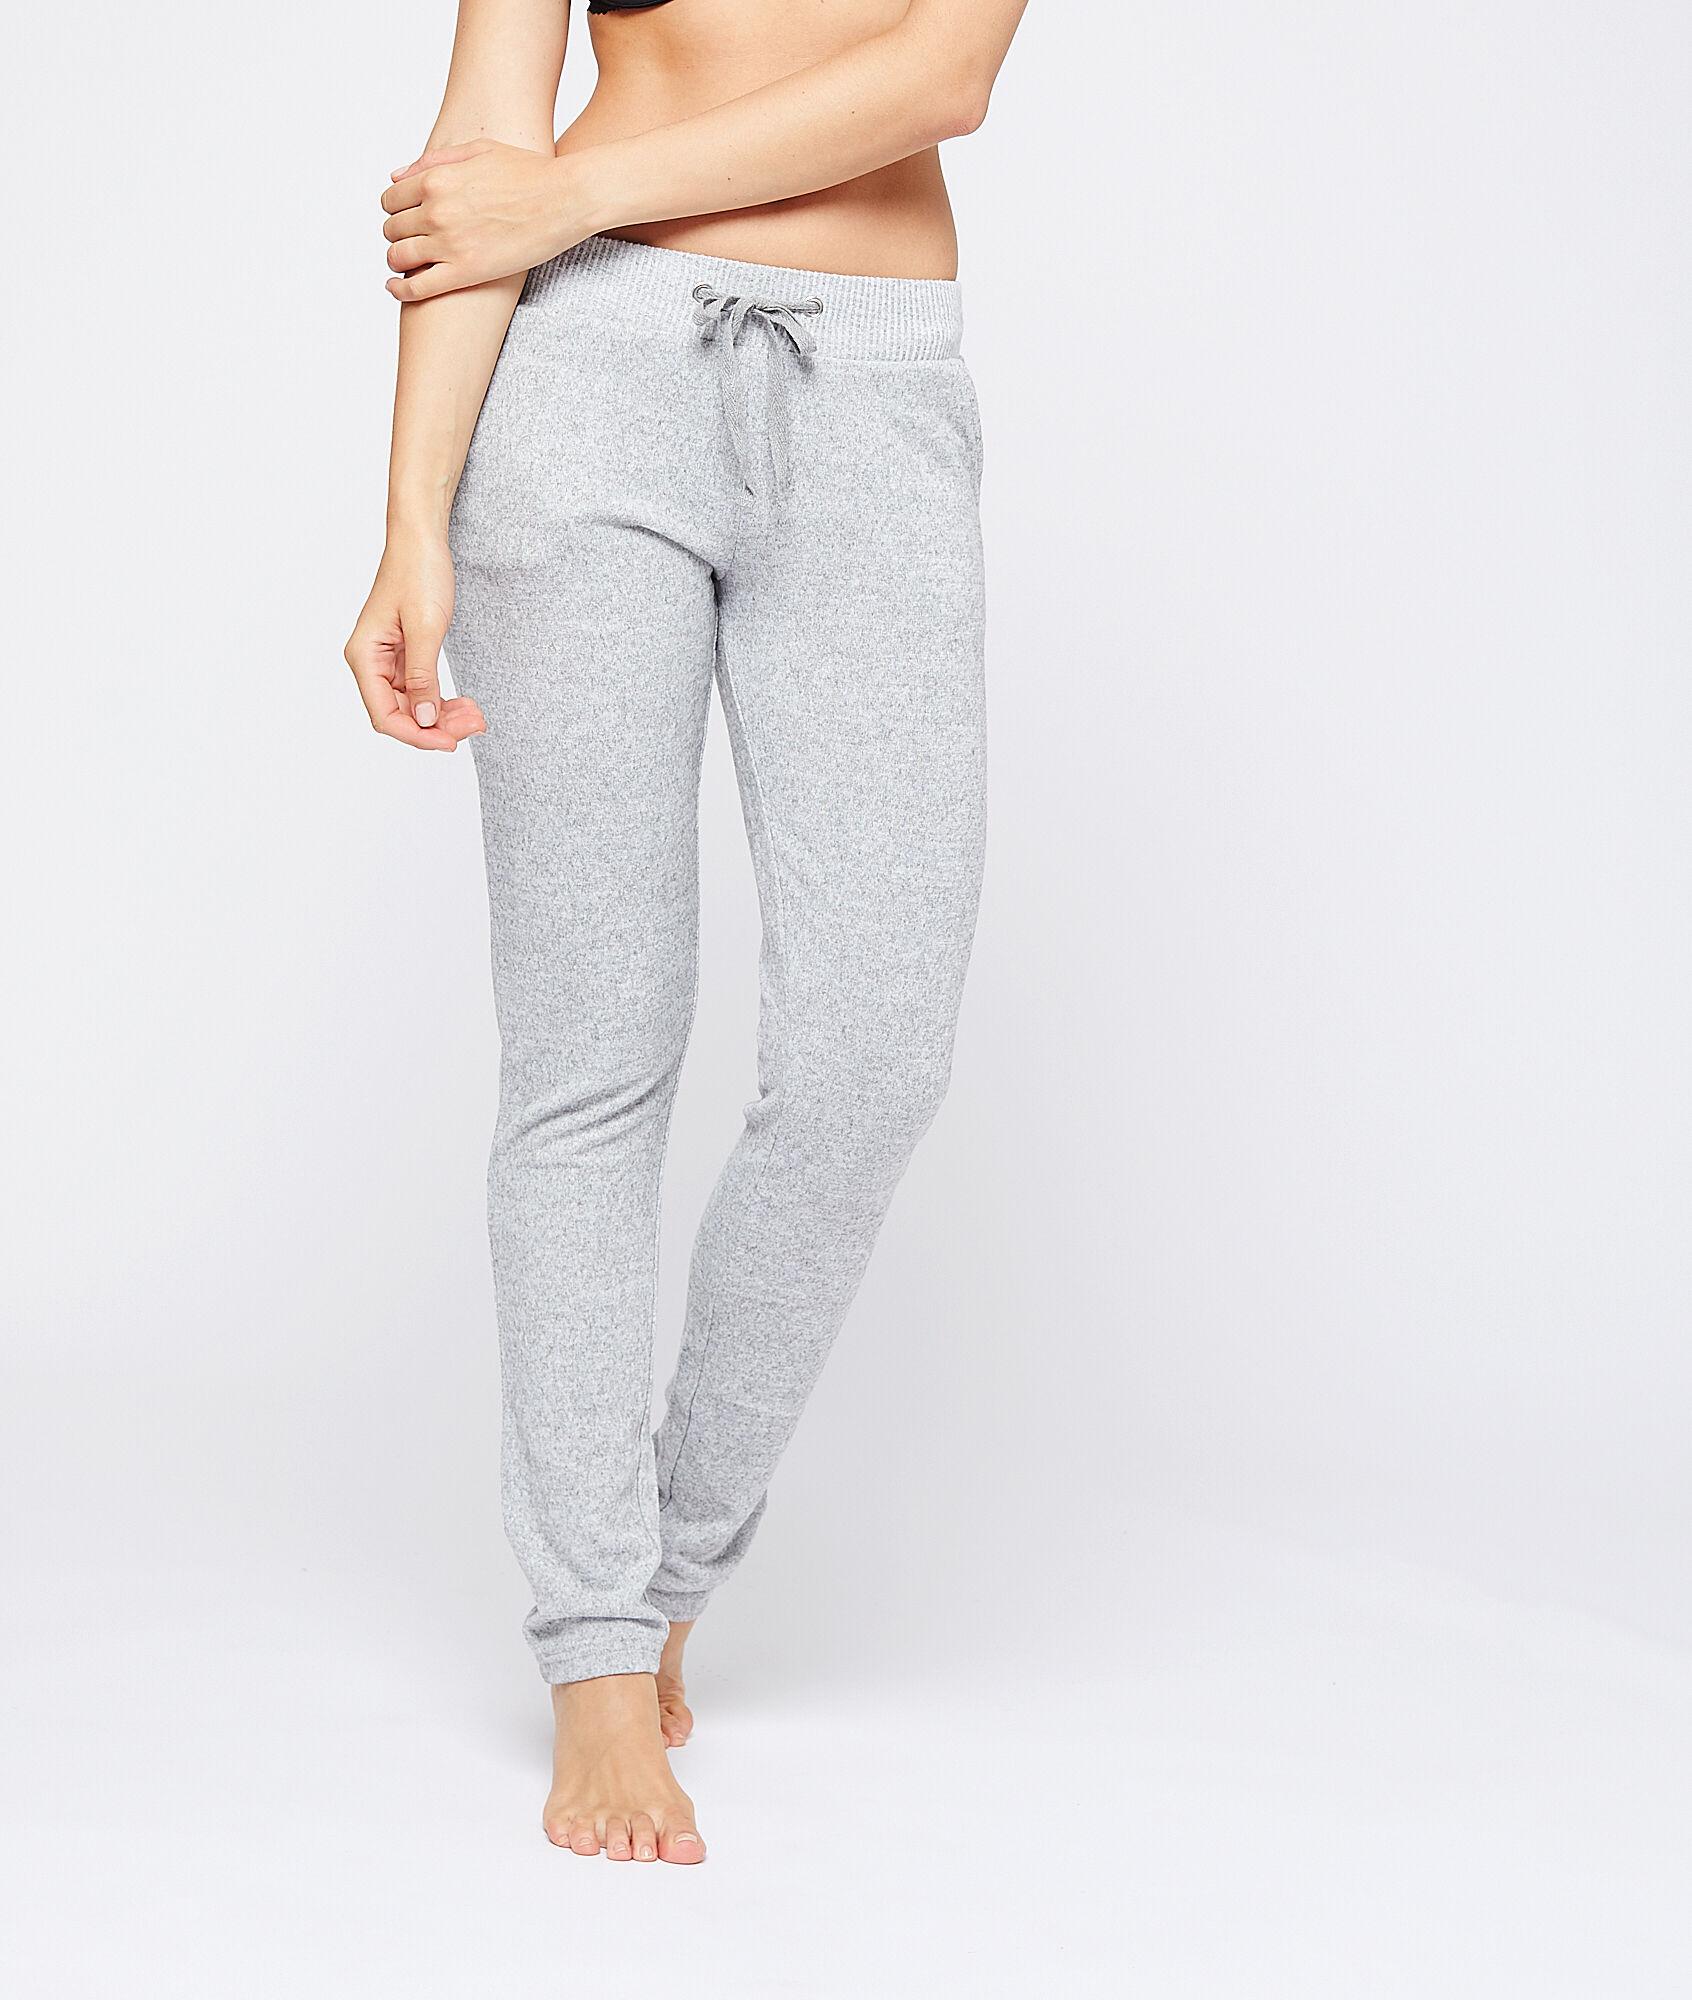 JAINA Spodnie homewear